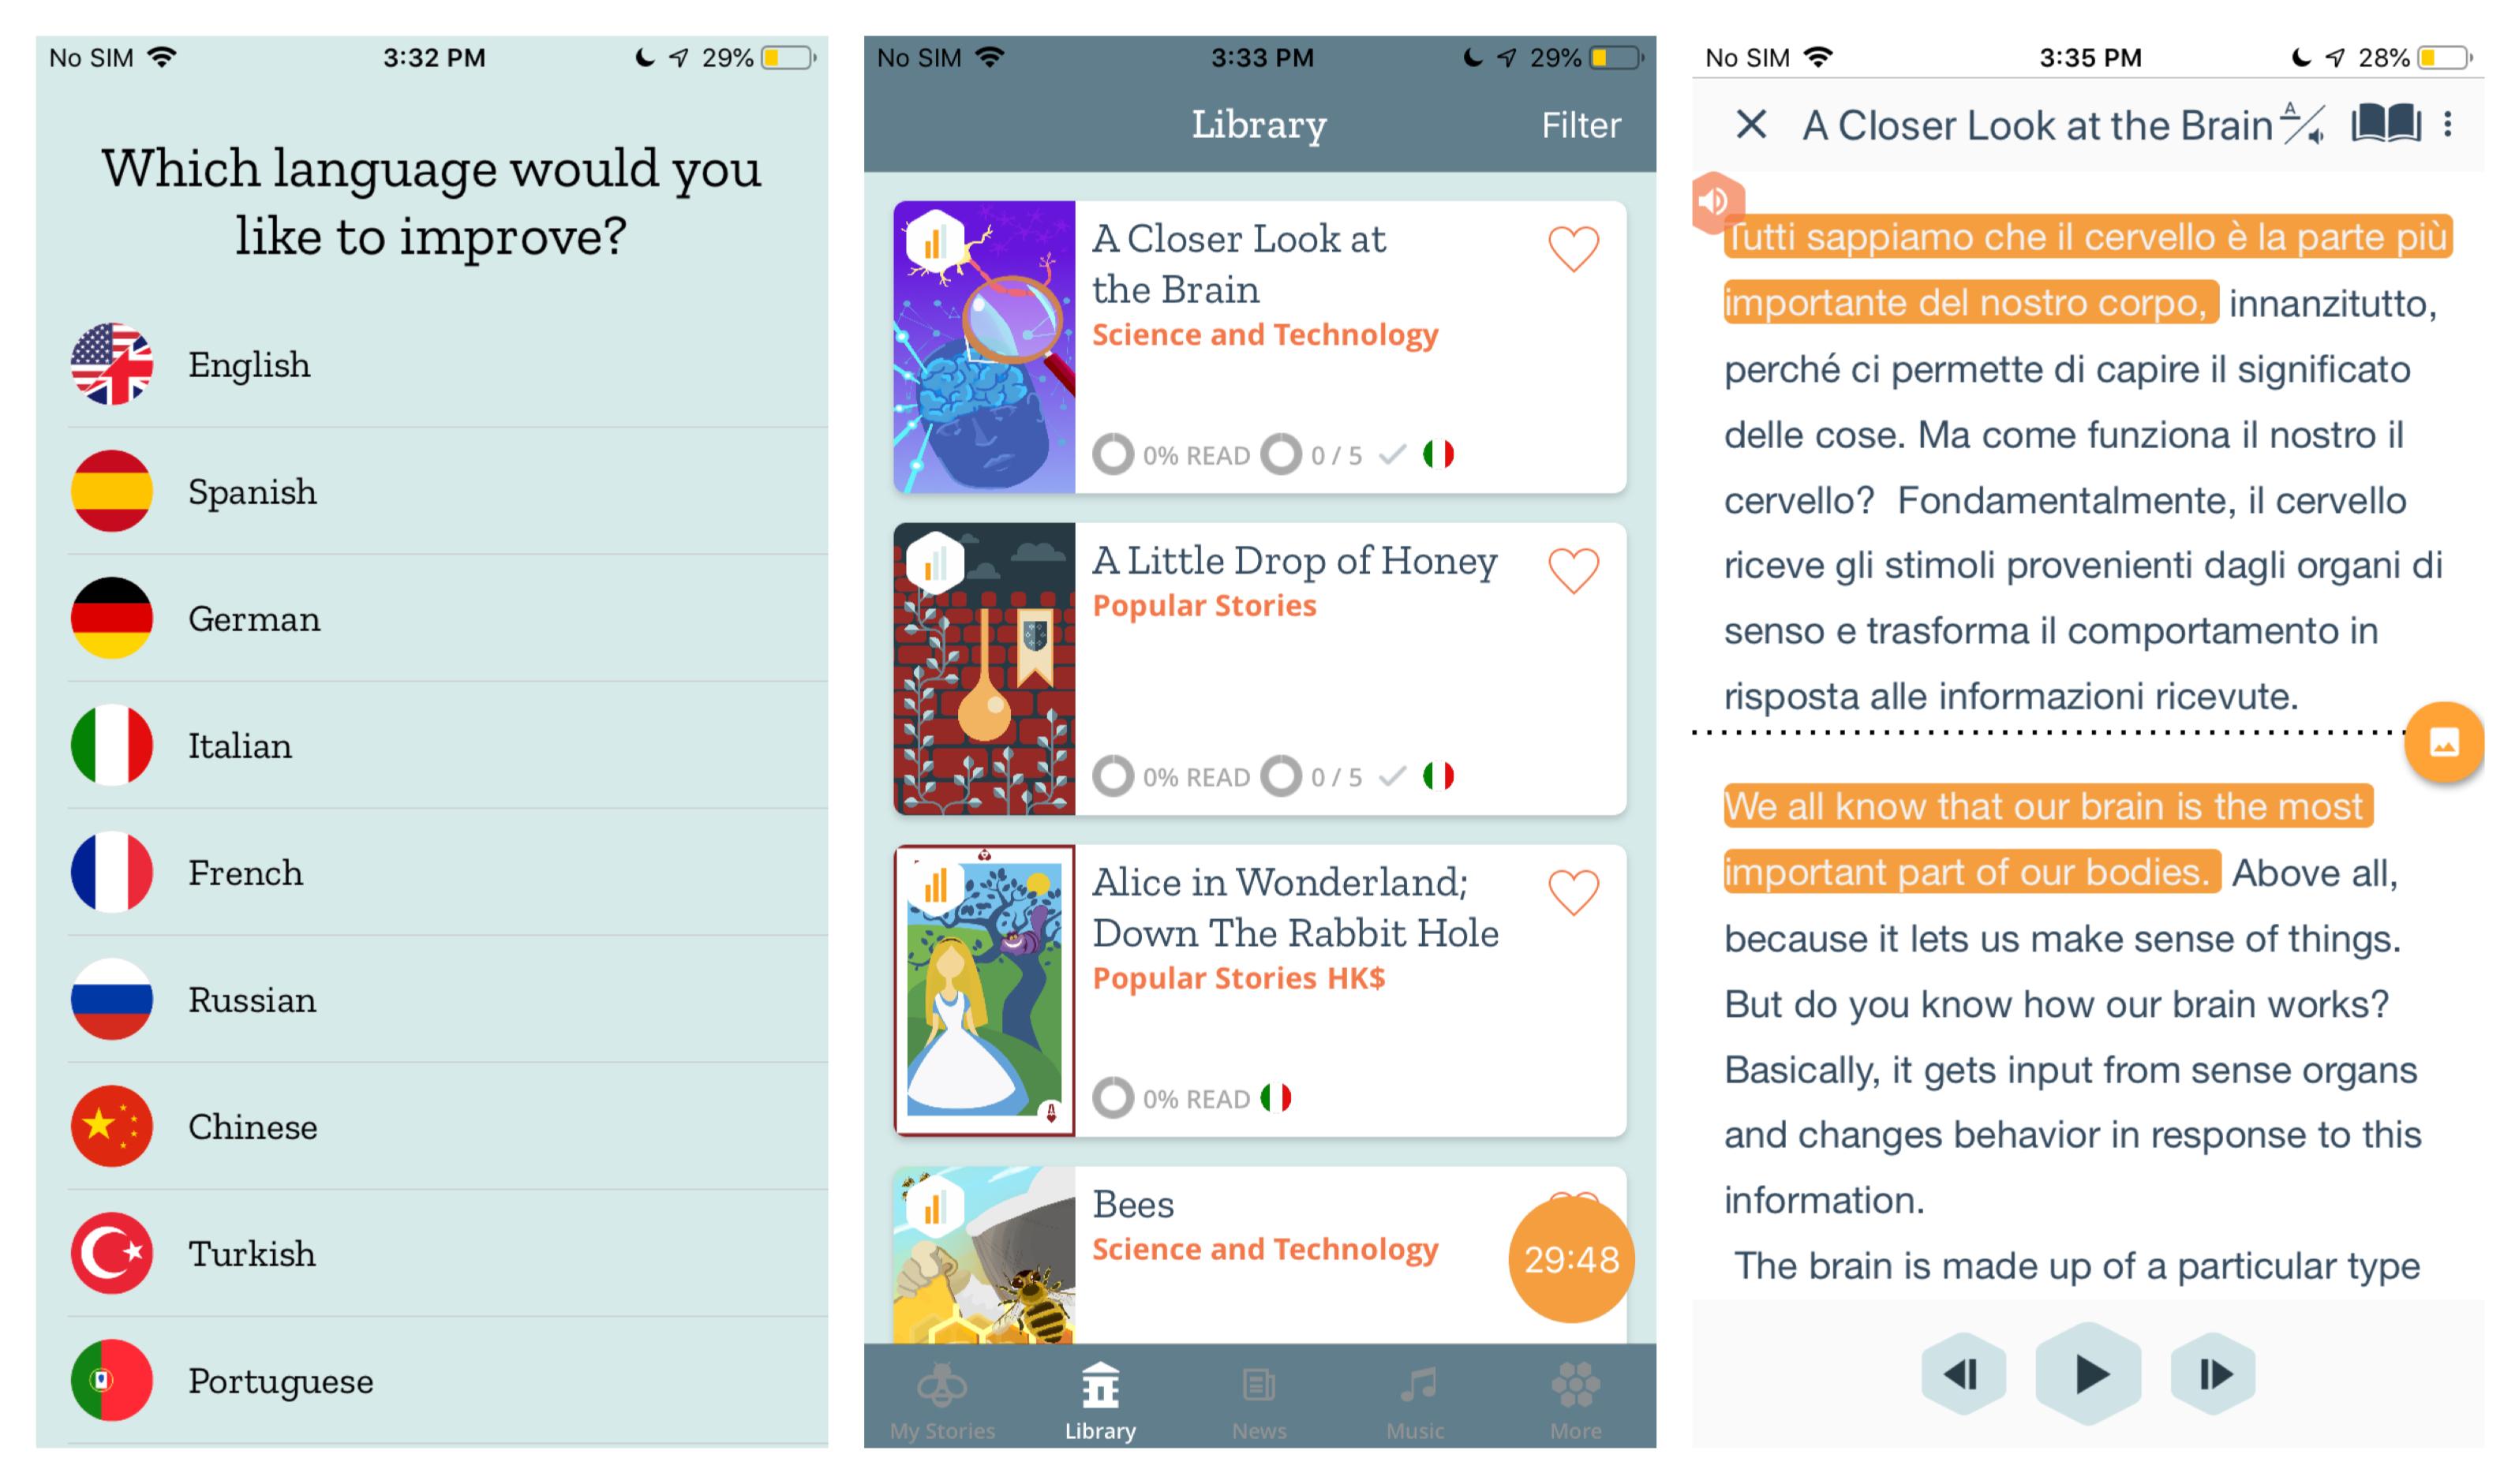 Beelinguapp screenshots